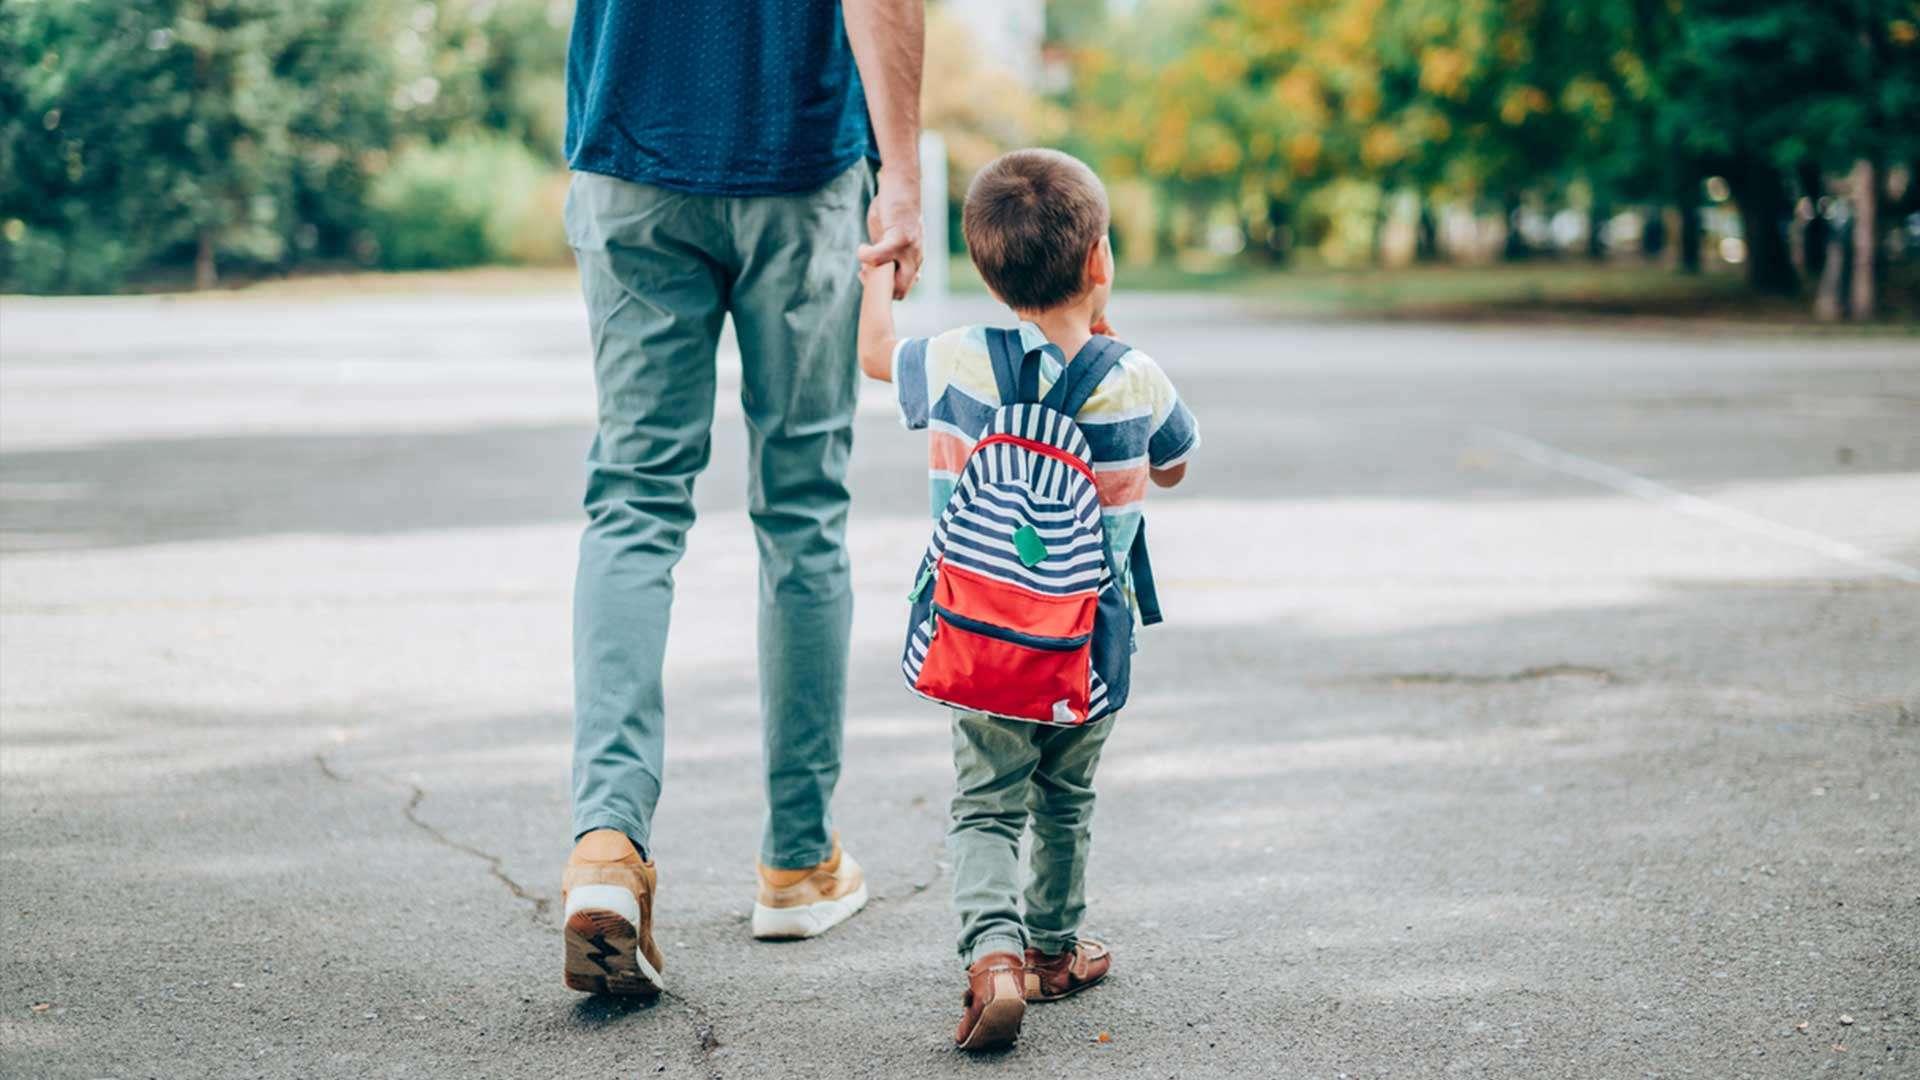 Educación vial para niños: ¿qué podemos enseñarles?